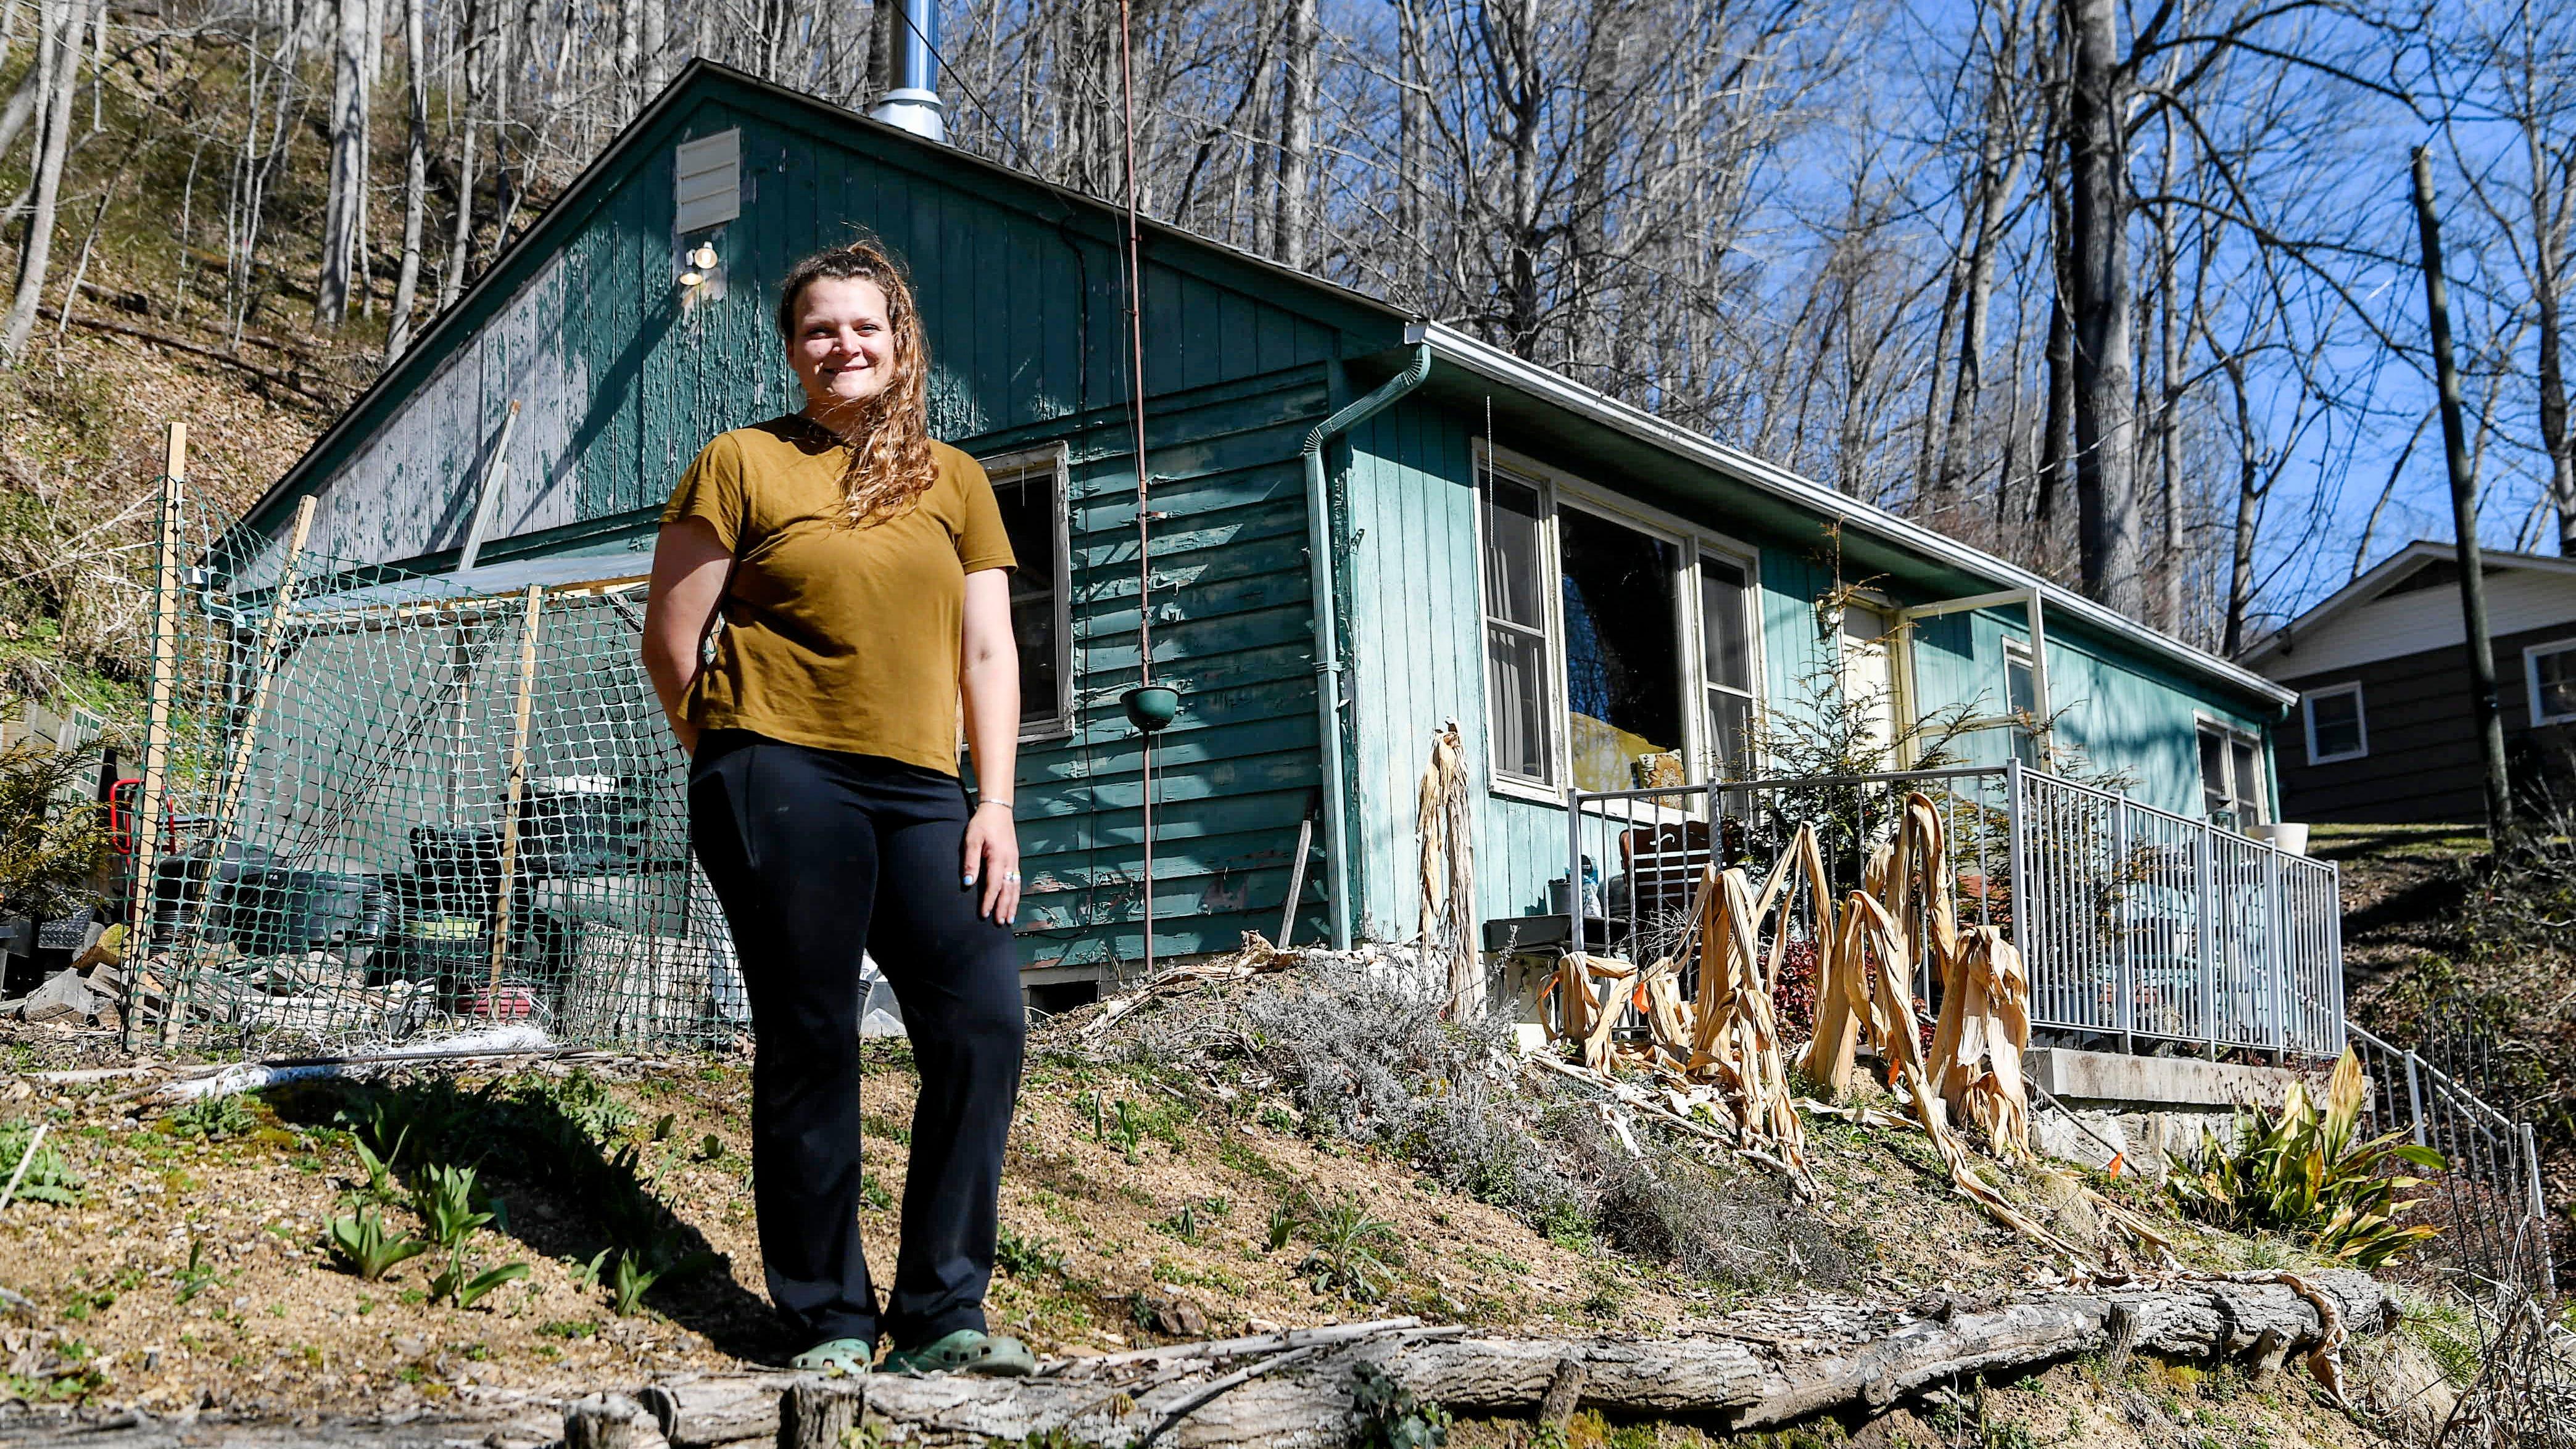 Rachel Baran at her home in Waynesville.